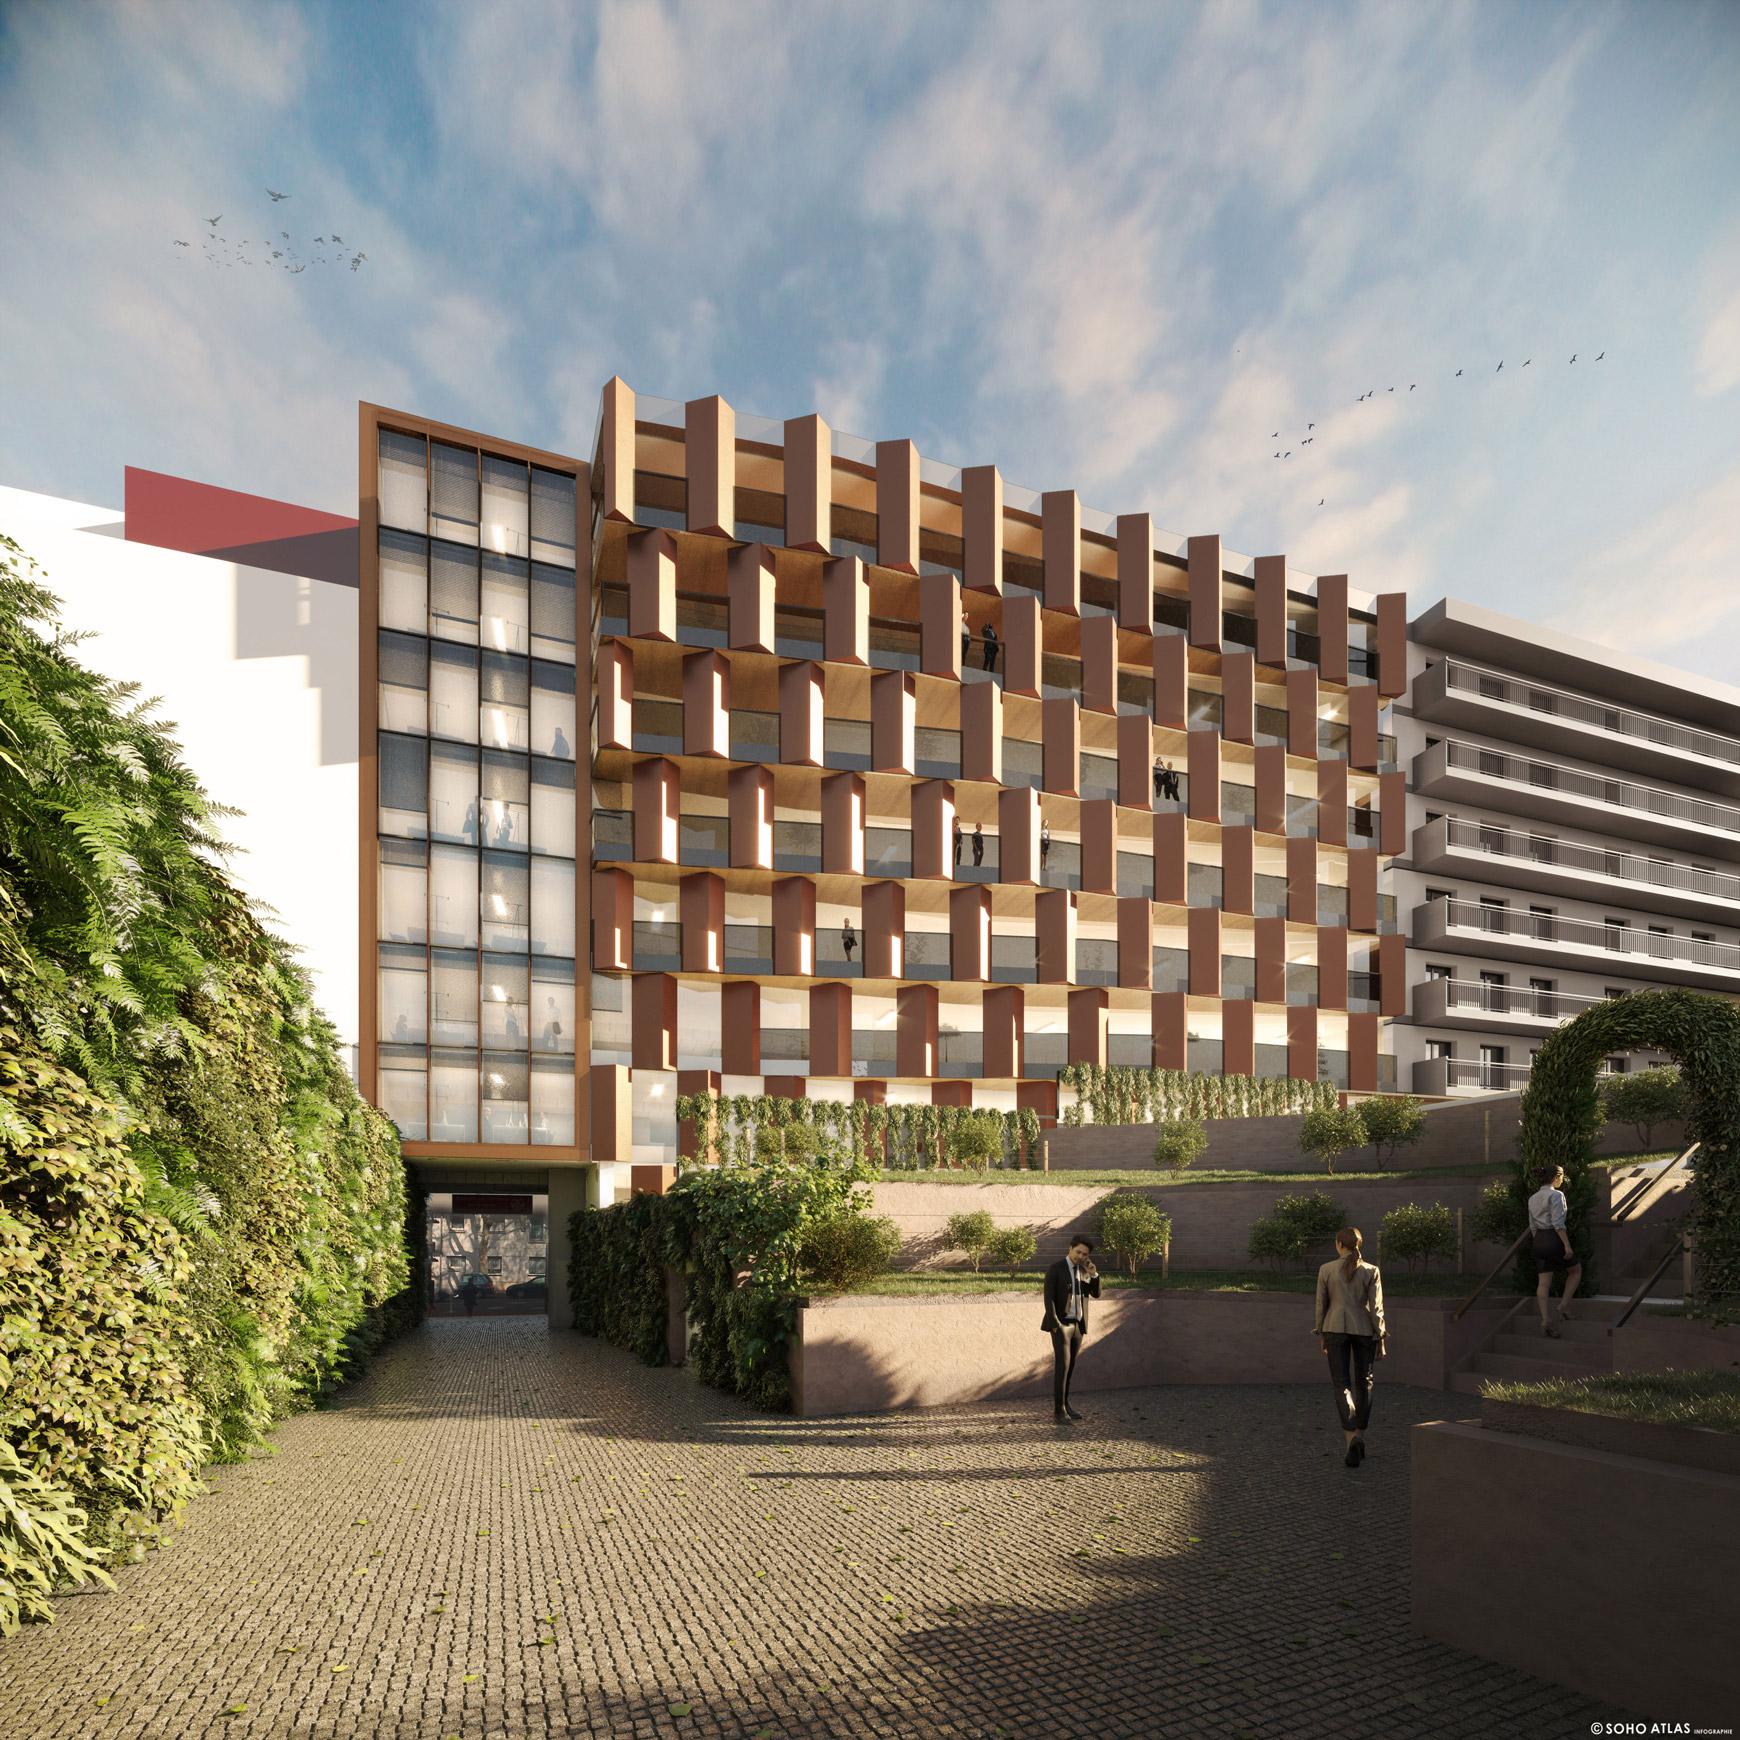 Bâtiment de bureaux à Issy-les-Moulineaux, avec réhabilitation et surélévation, réalisé par le pôle Tertiaire de l'agence d'architecture SOHO ATLAS IN FINE PARIS. Perspective, vue depuis la cour.